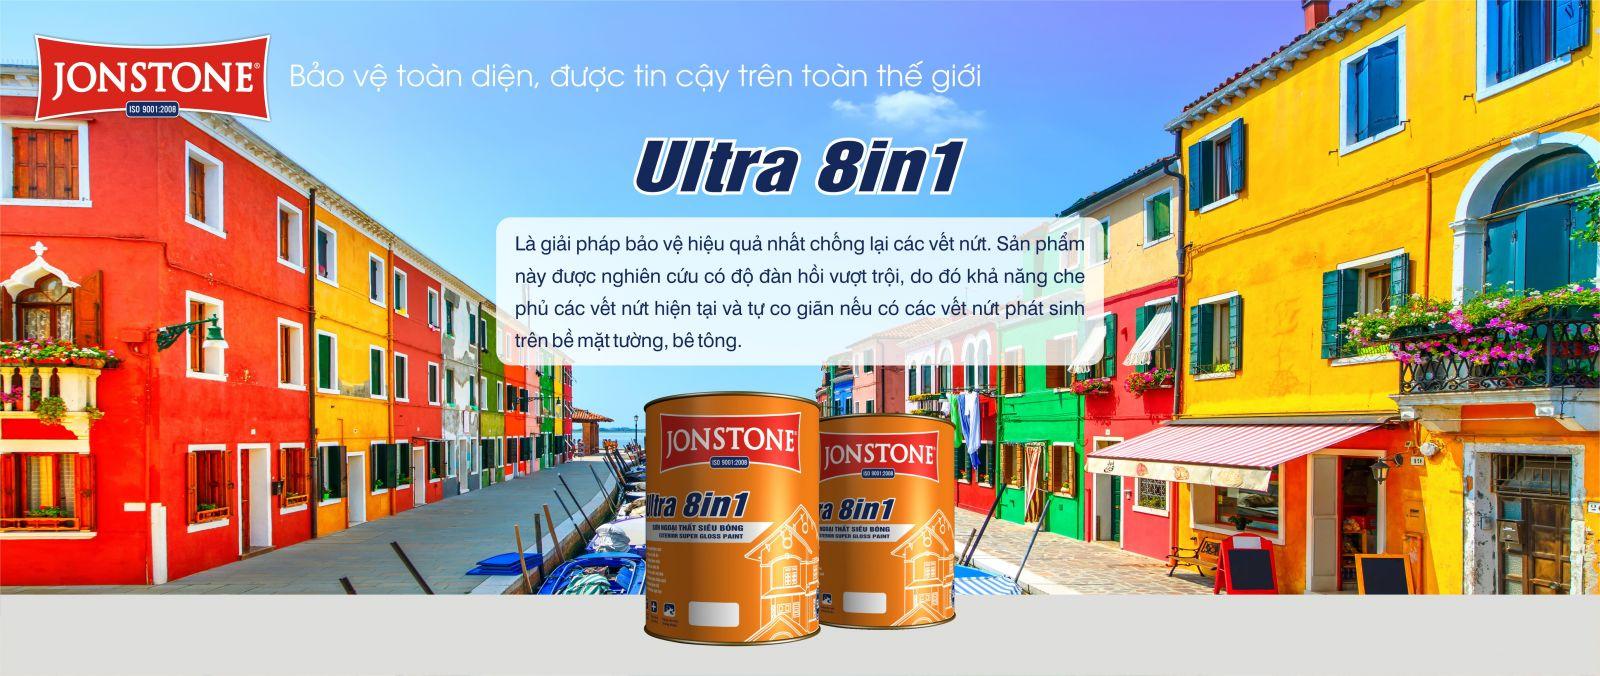 http://jonstonevn.com/admin/http://jonstonevn.com/san-pham/5/son-ngoai-that